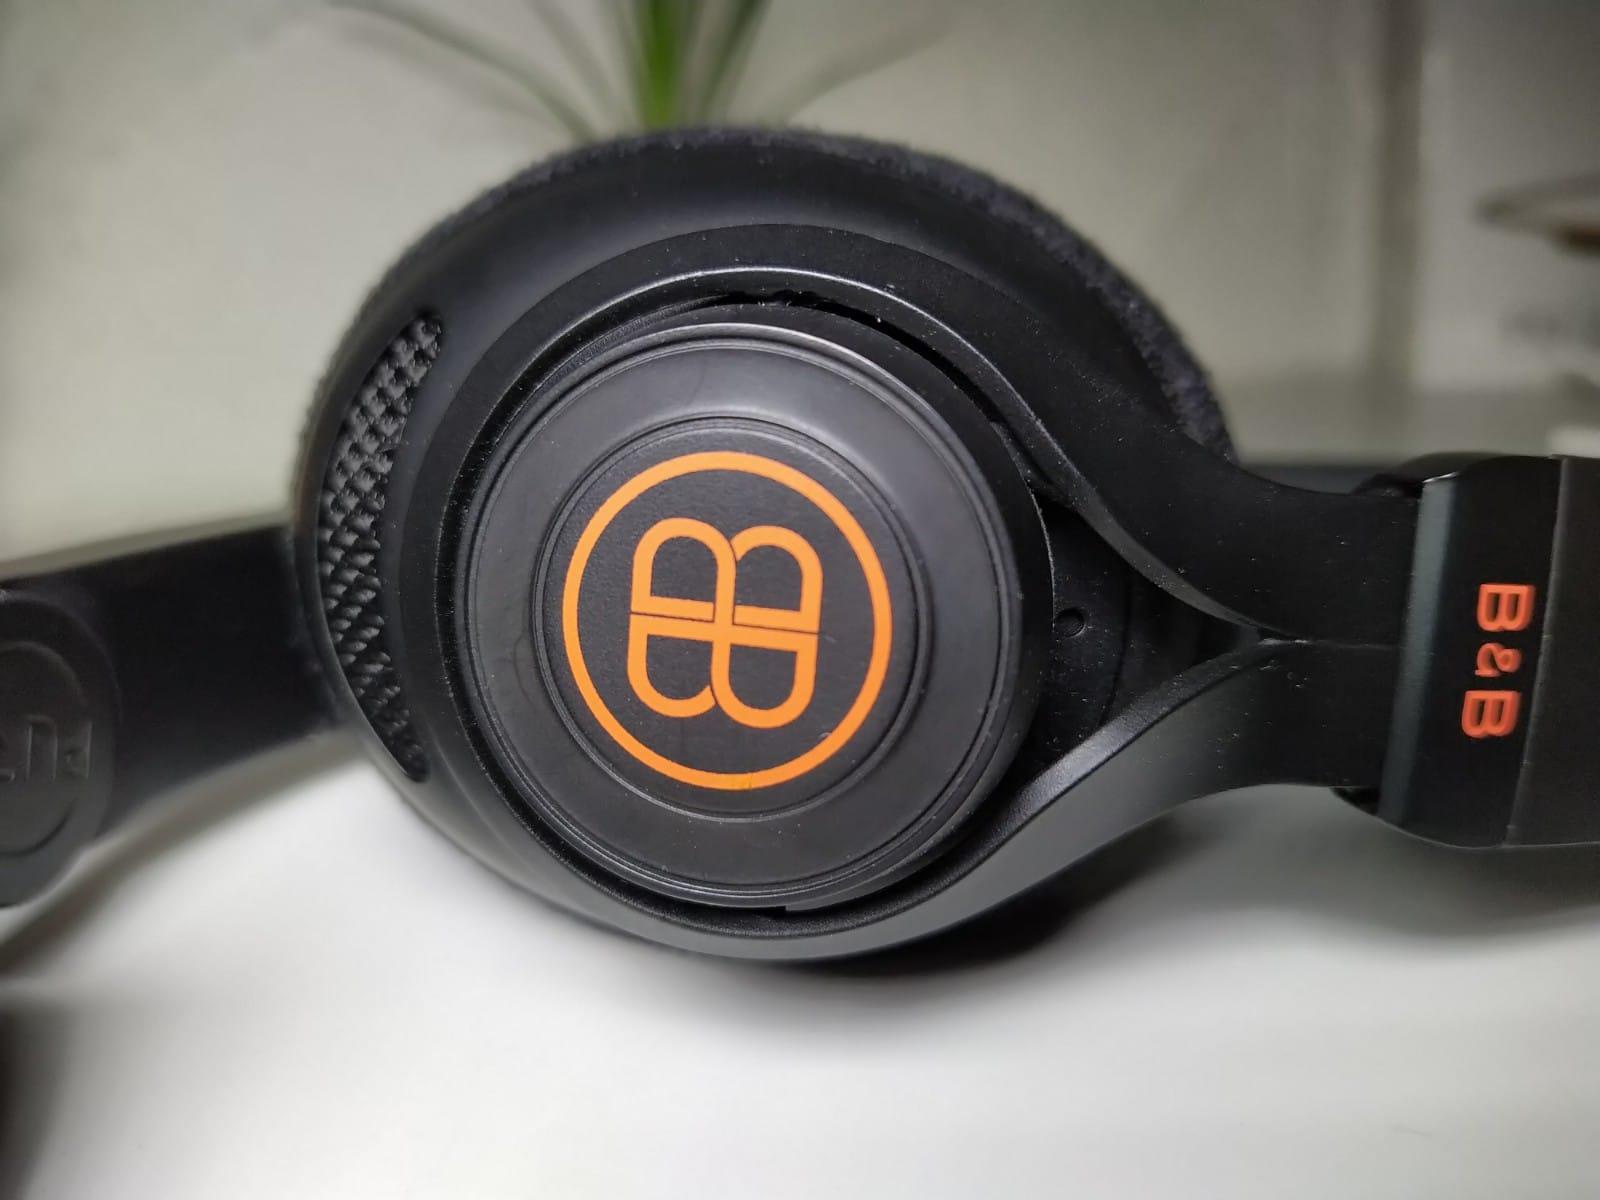 B&B Pure Kopfhörer Test